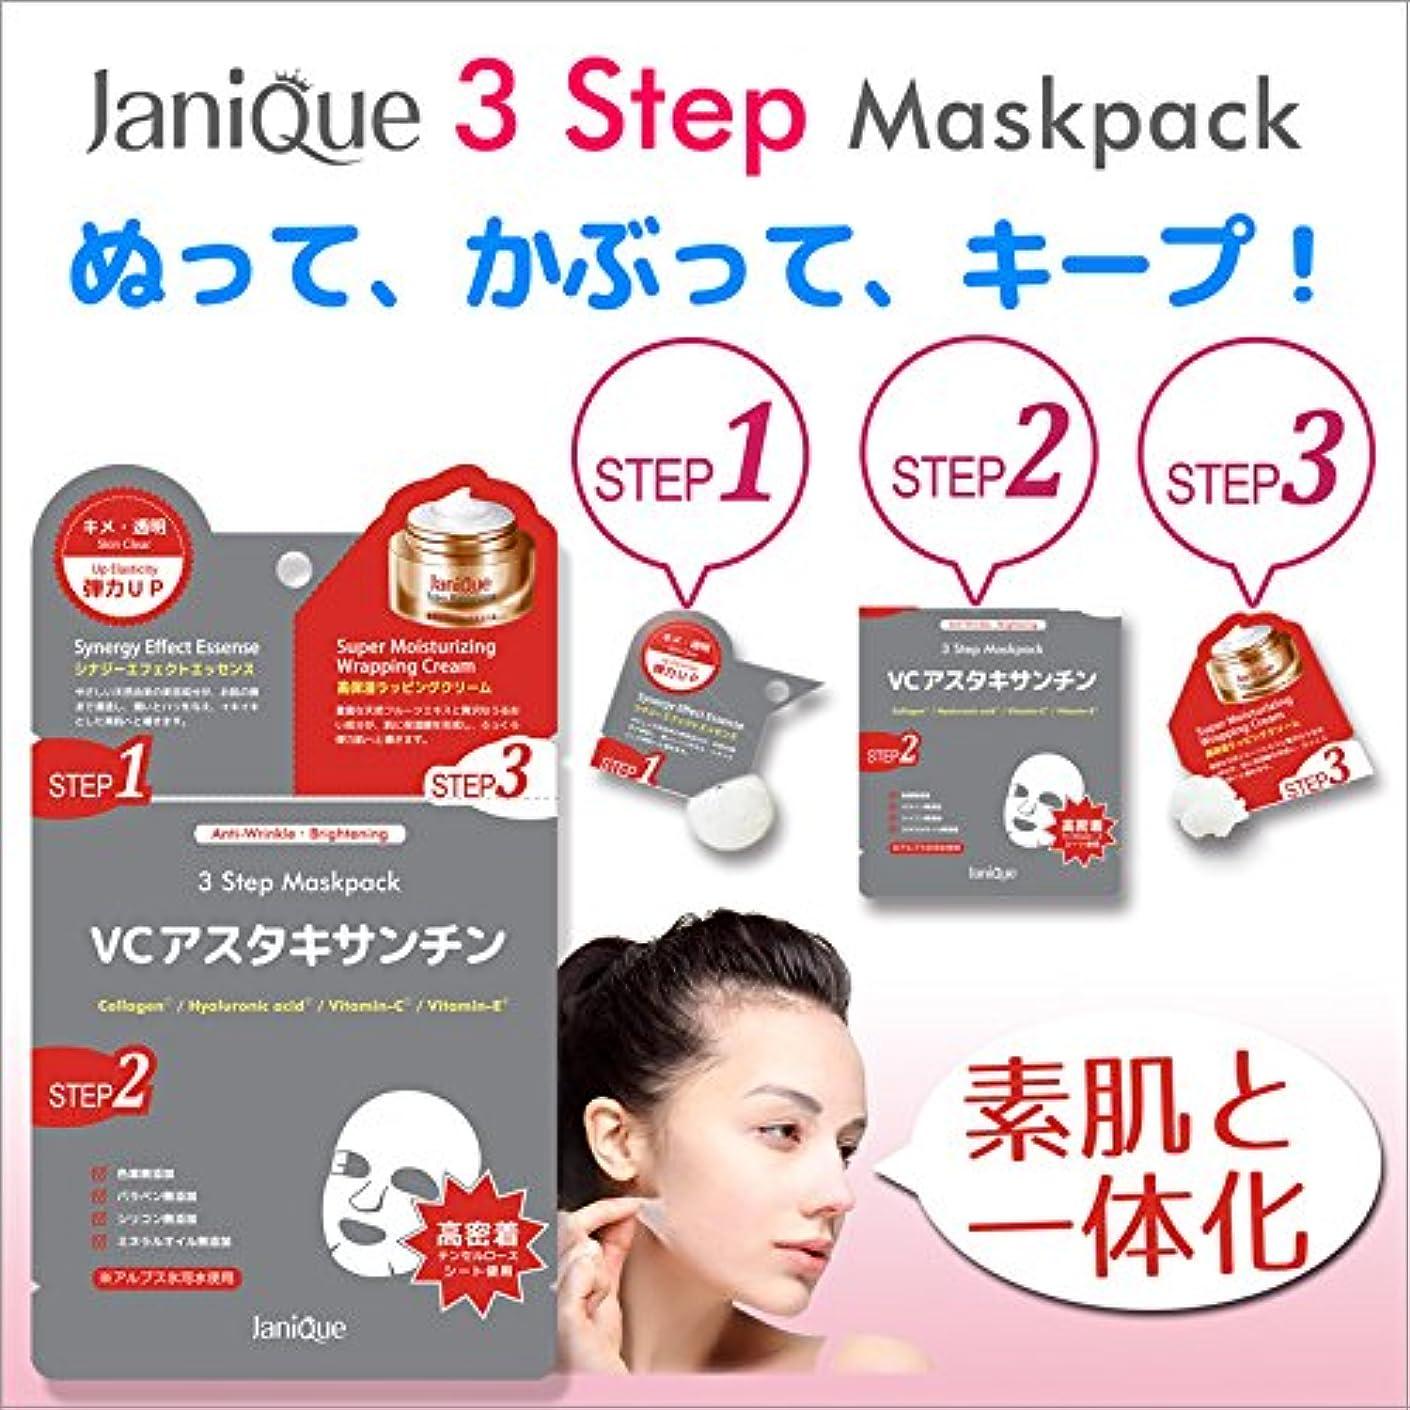 ピッチャー消化器足枷Janique(ジャニーク)3ステップマスクパック?VCアスタキサンチン(全3種